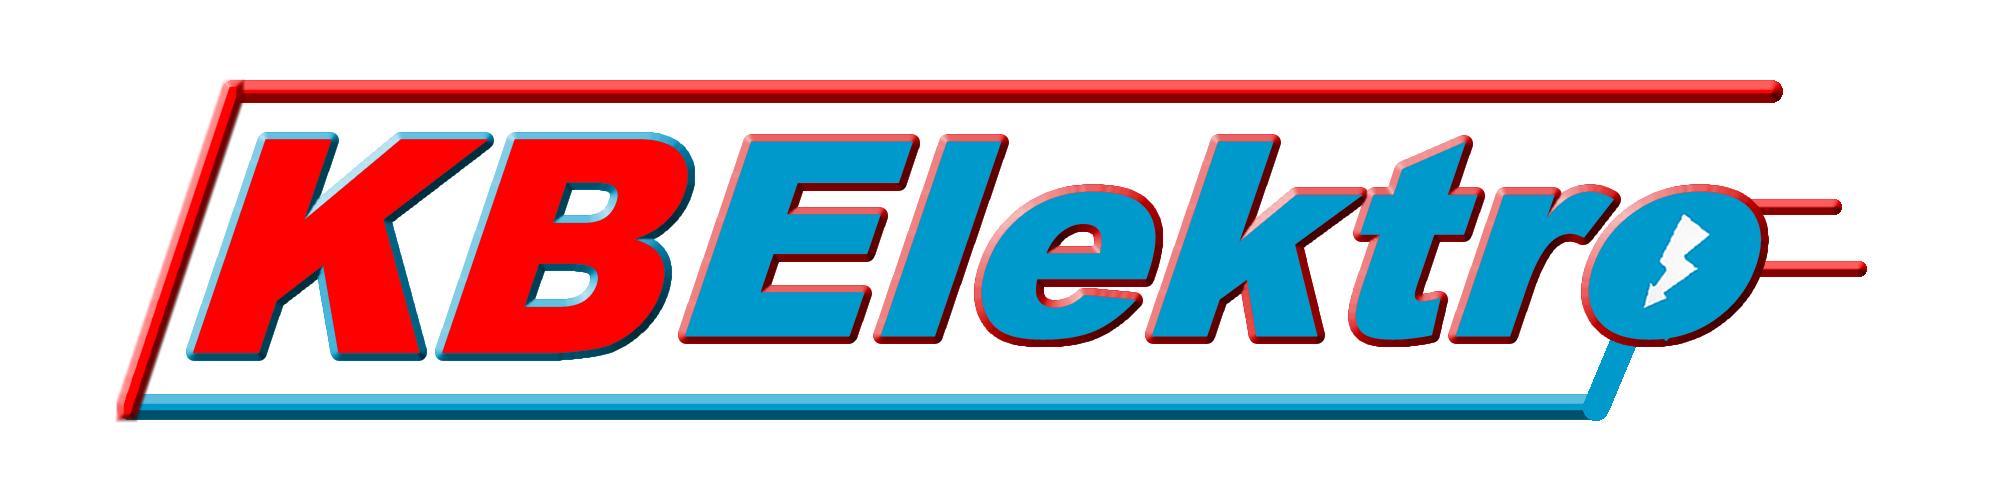 KB Elektro